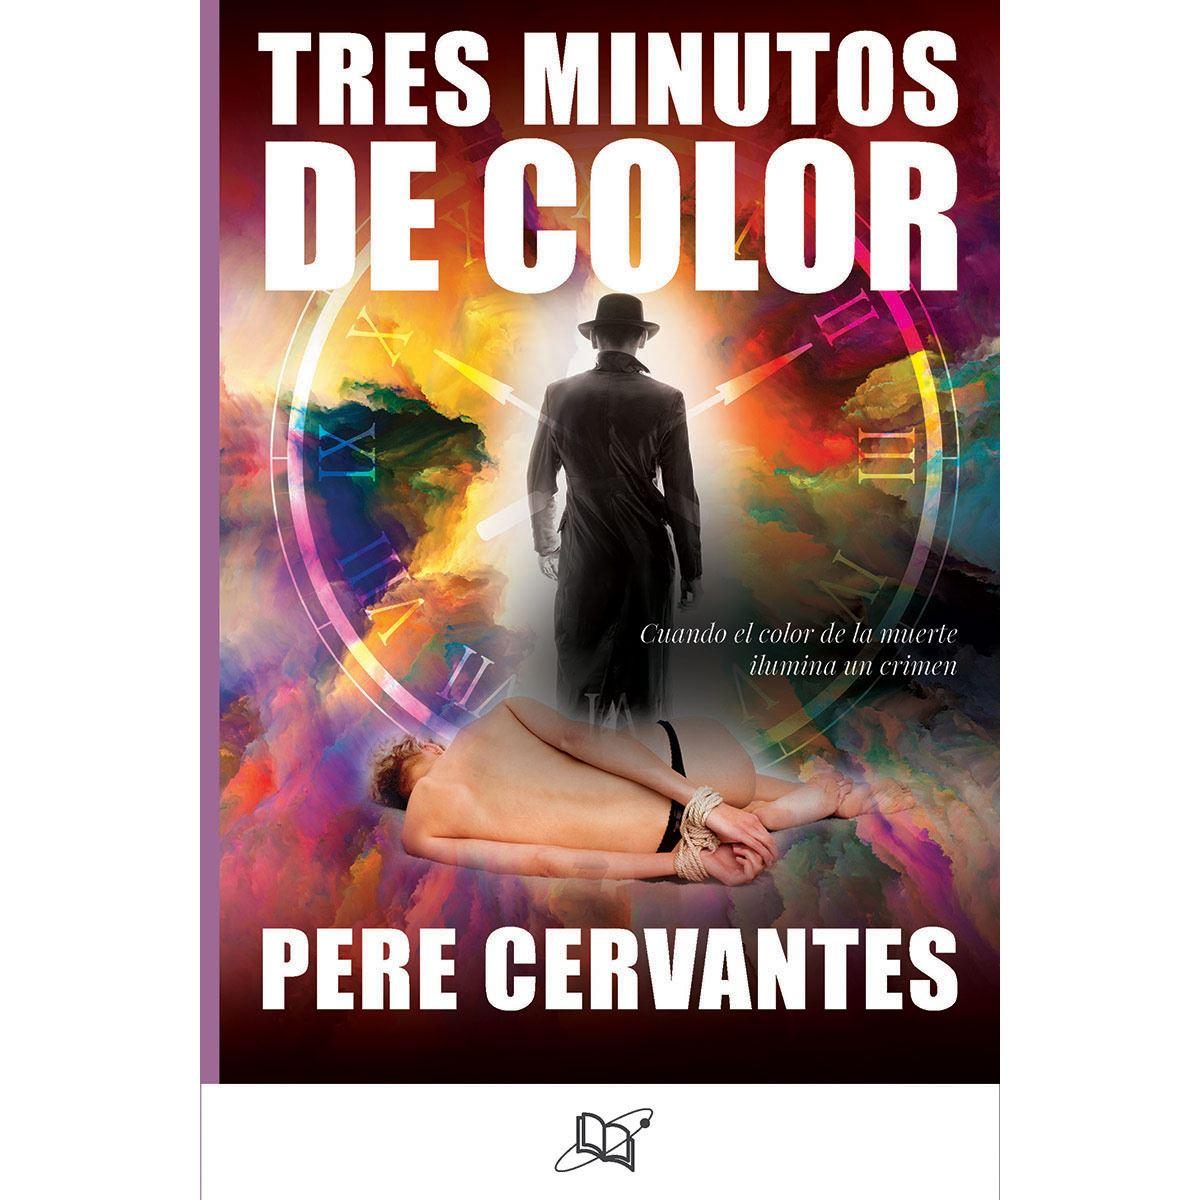 Tres minutos de color